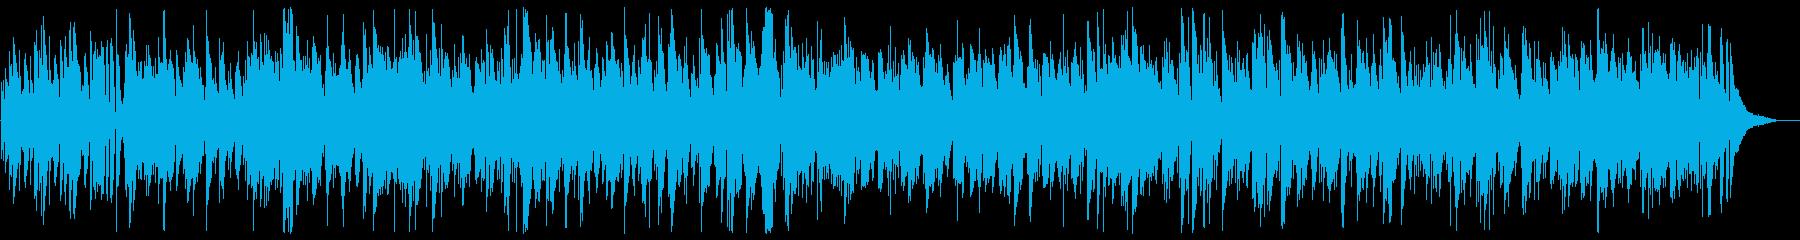 Big old clock bossa nova arrangement's reproduced waveform